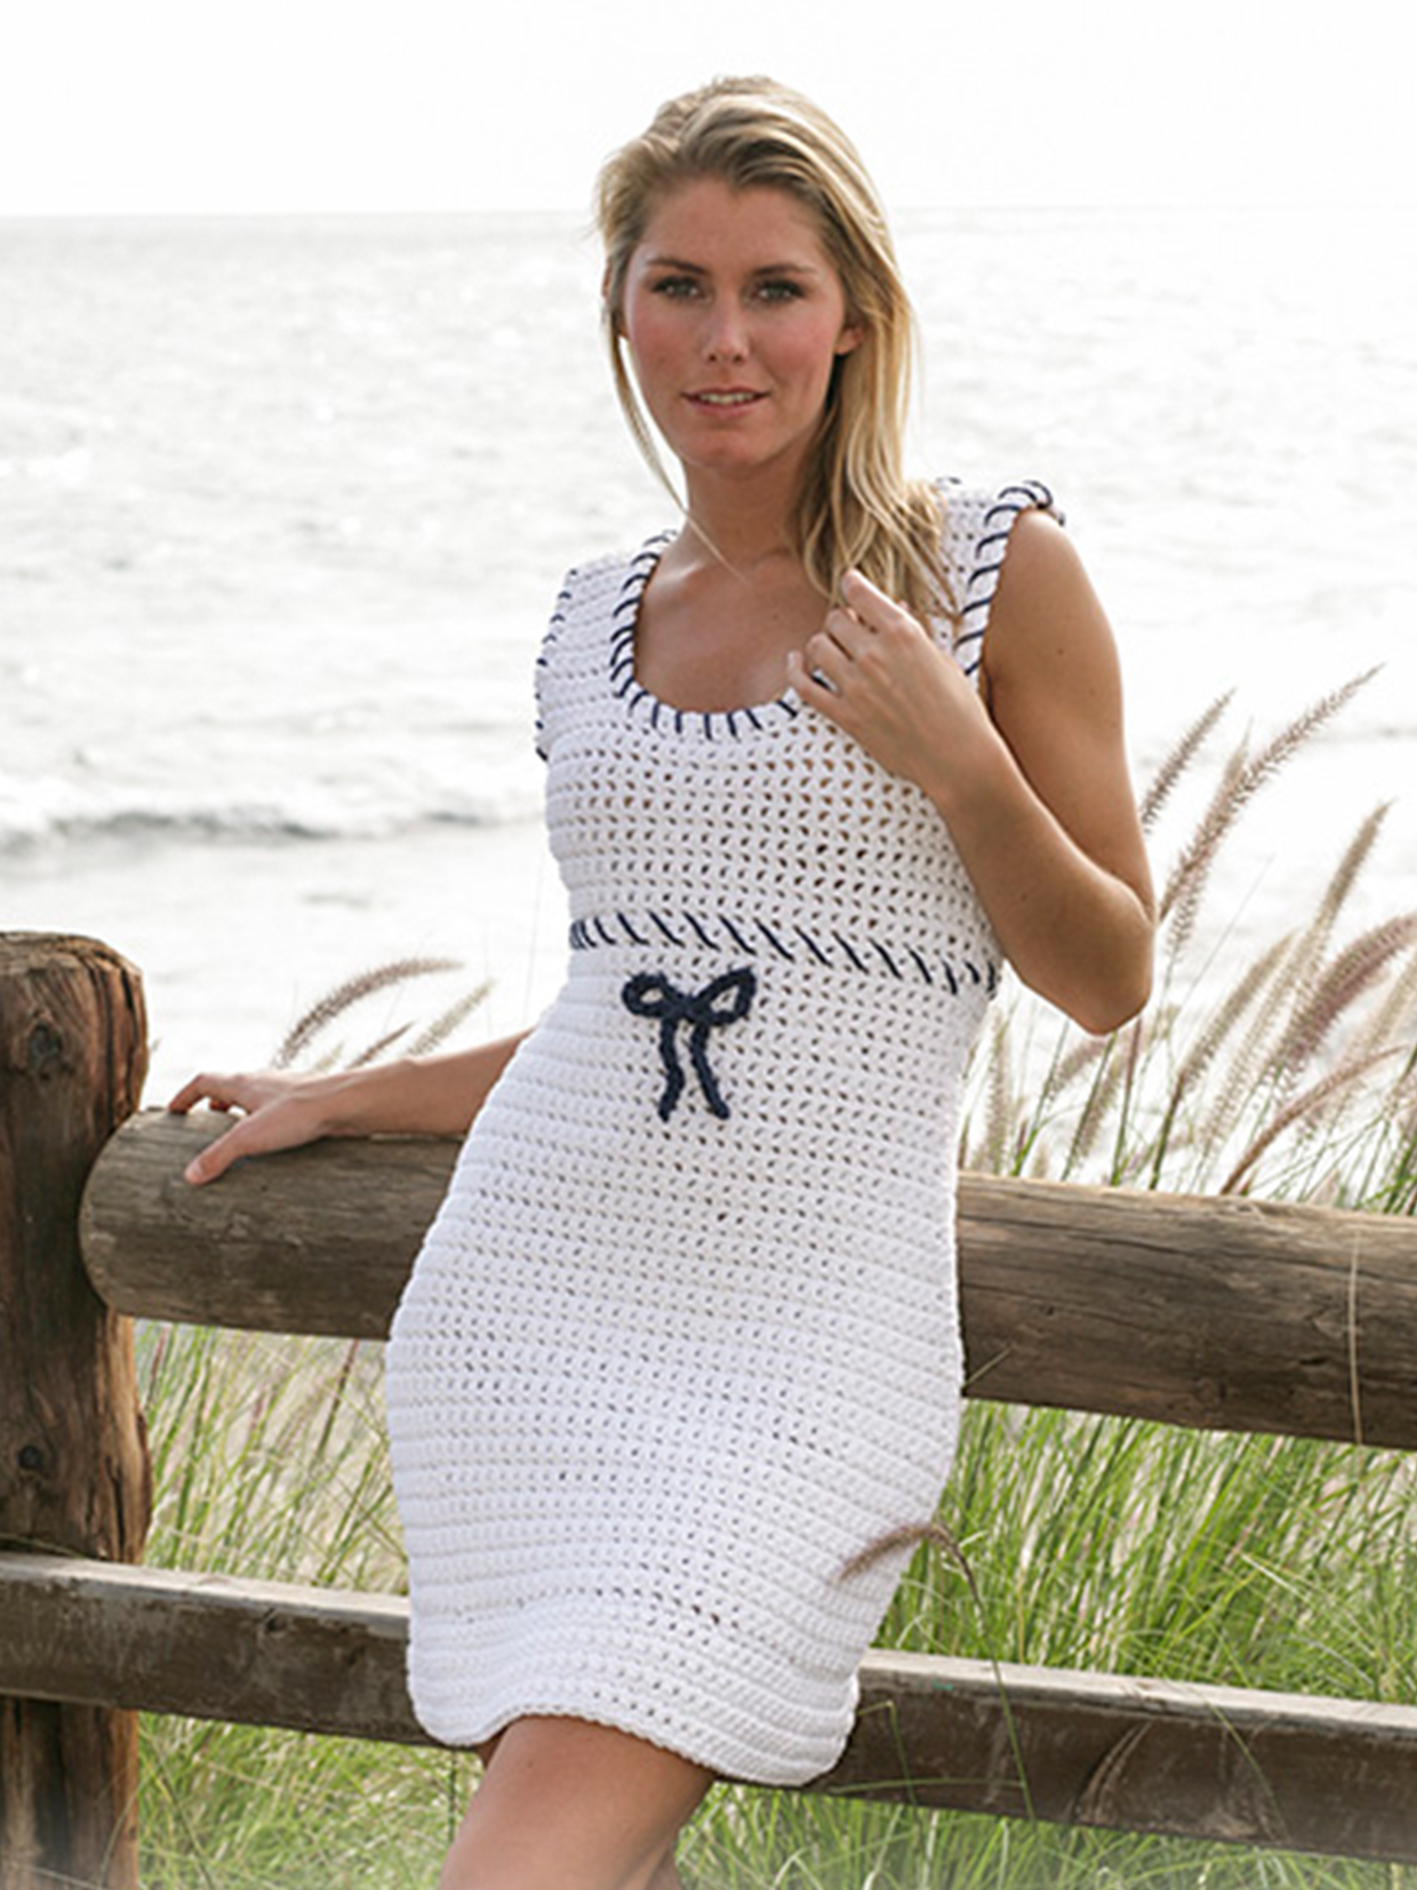 crochet-work-summer-dress-36-free-cottage-crochet-top-patterns-new-2019